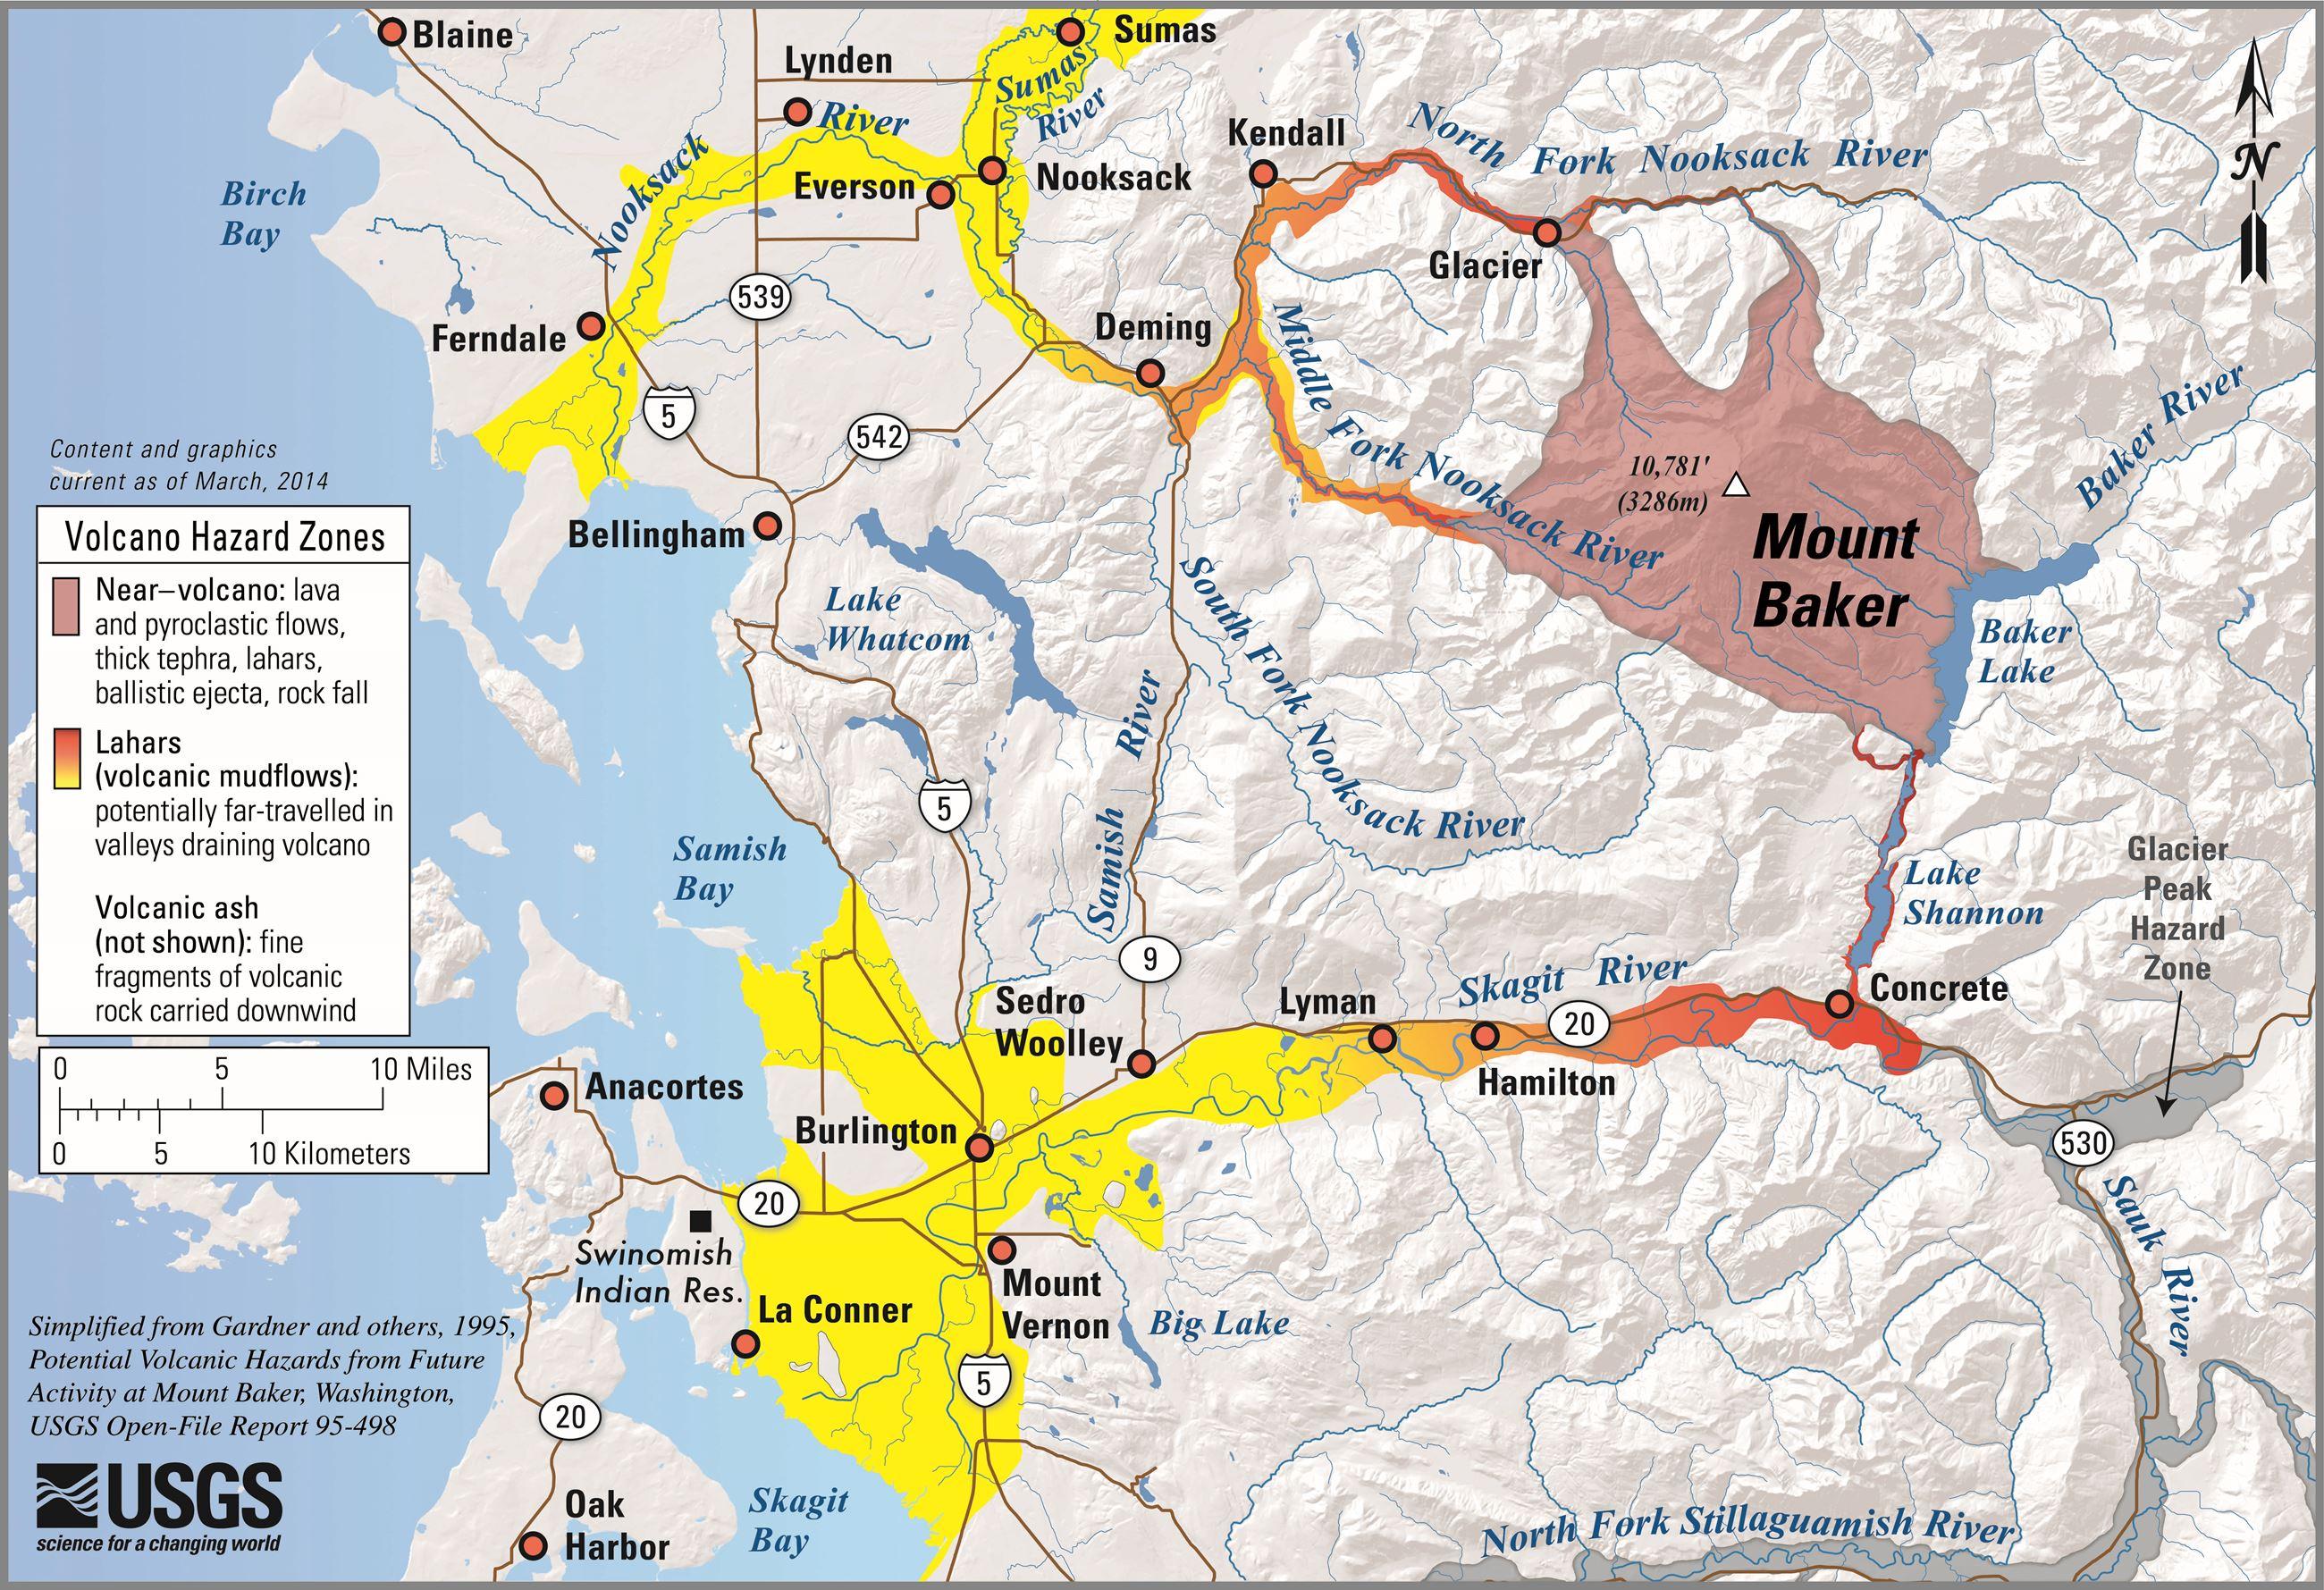 Volcano Mount Baker Whatcom County WA Official Website - Map active volcanos in us